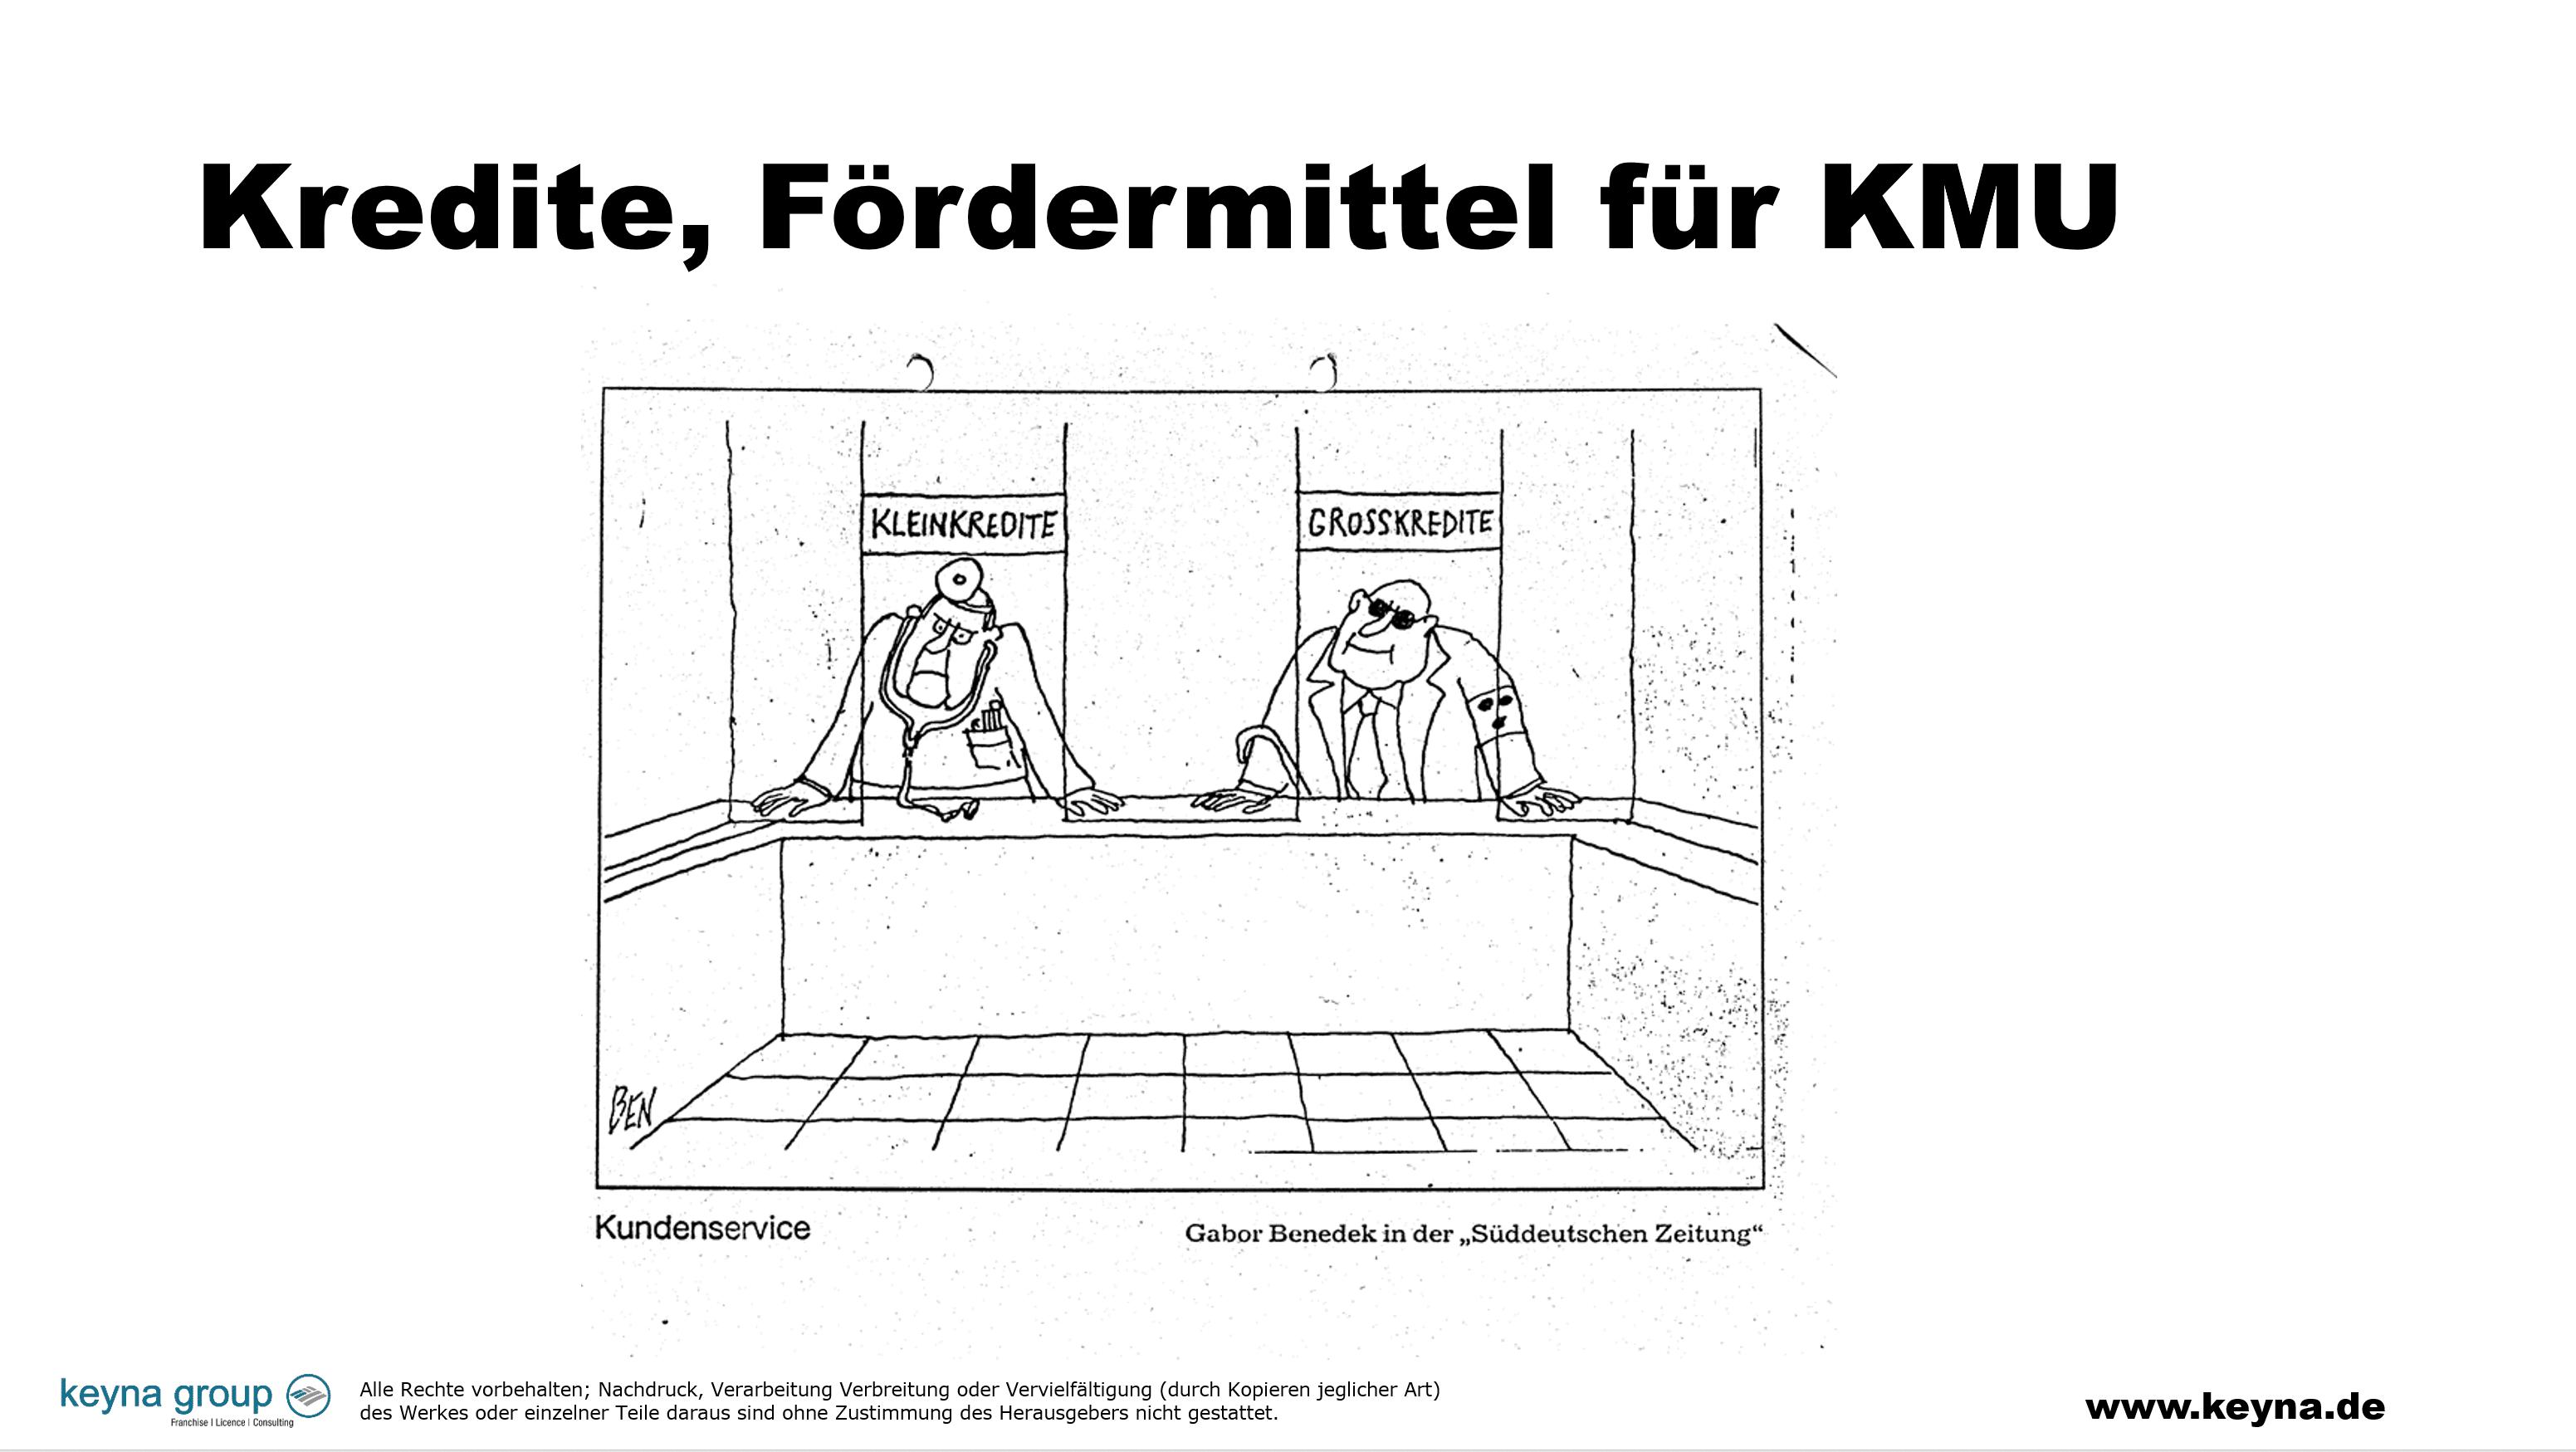 Fördermittel Mössingen, Fördermittel in Mössingen